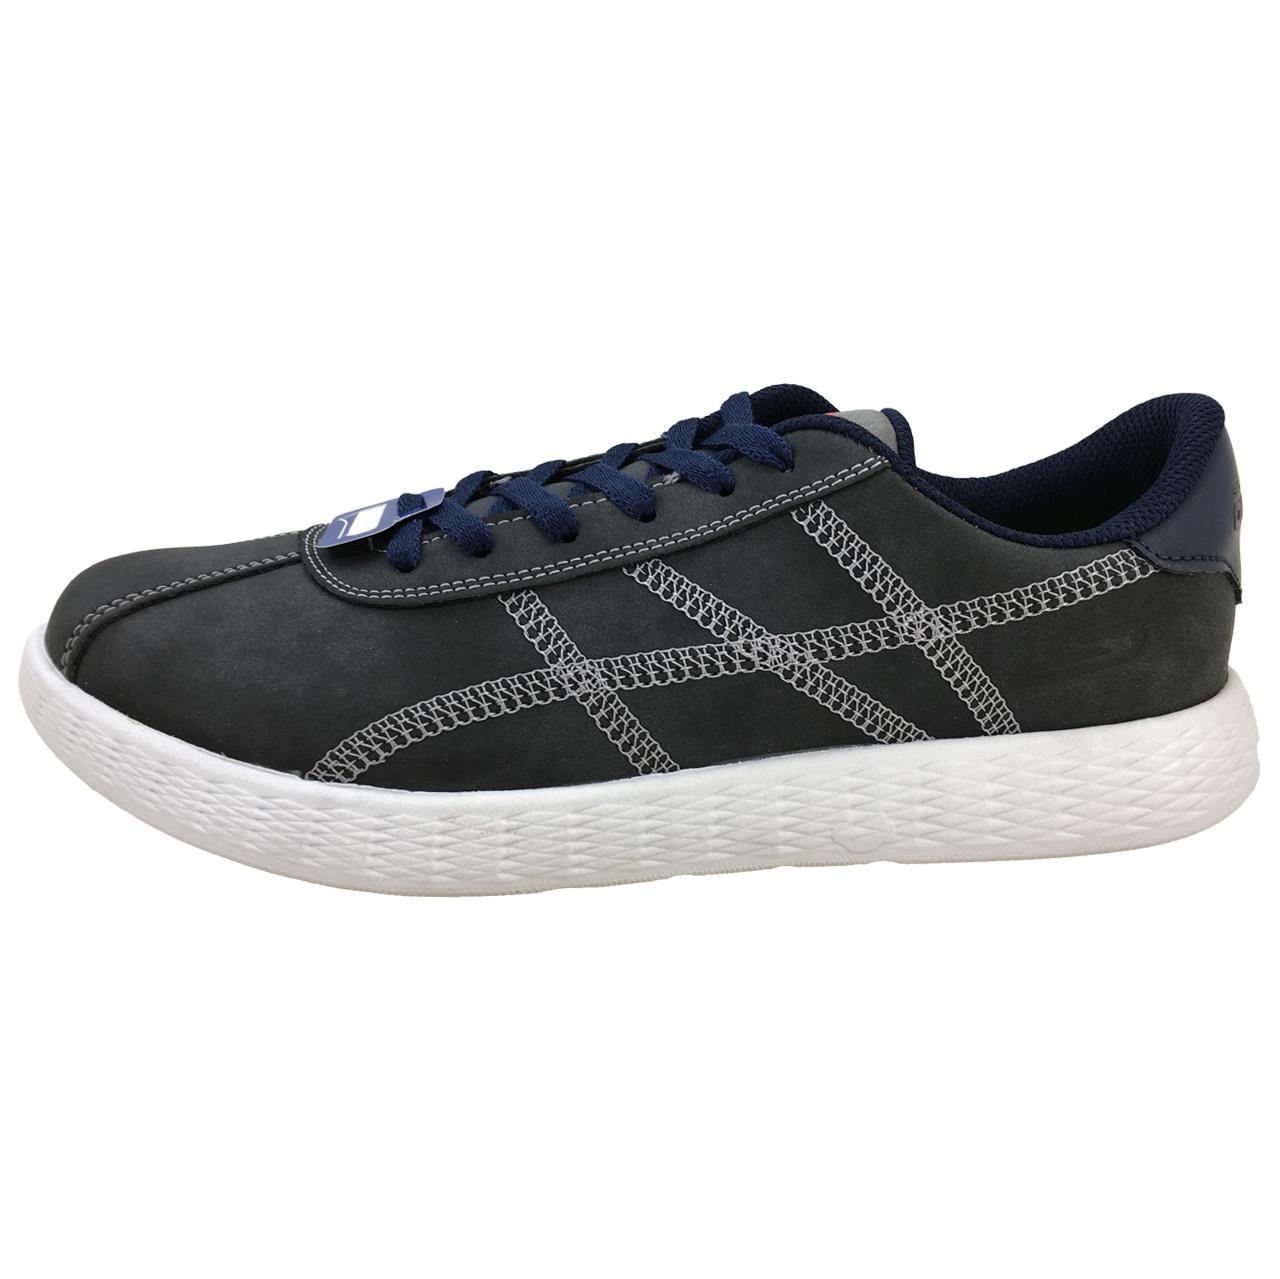 کفش مخصوص پیاده روی مردانه اسکچرز کد 2723